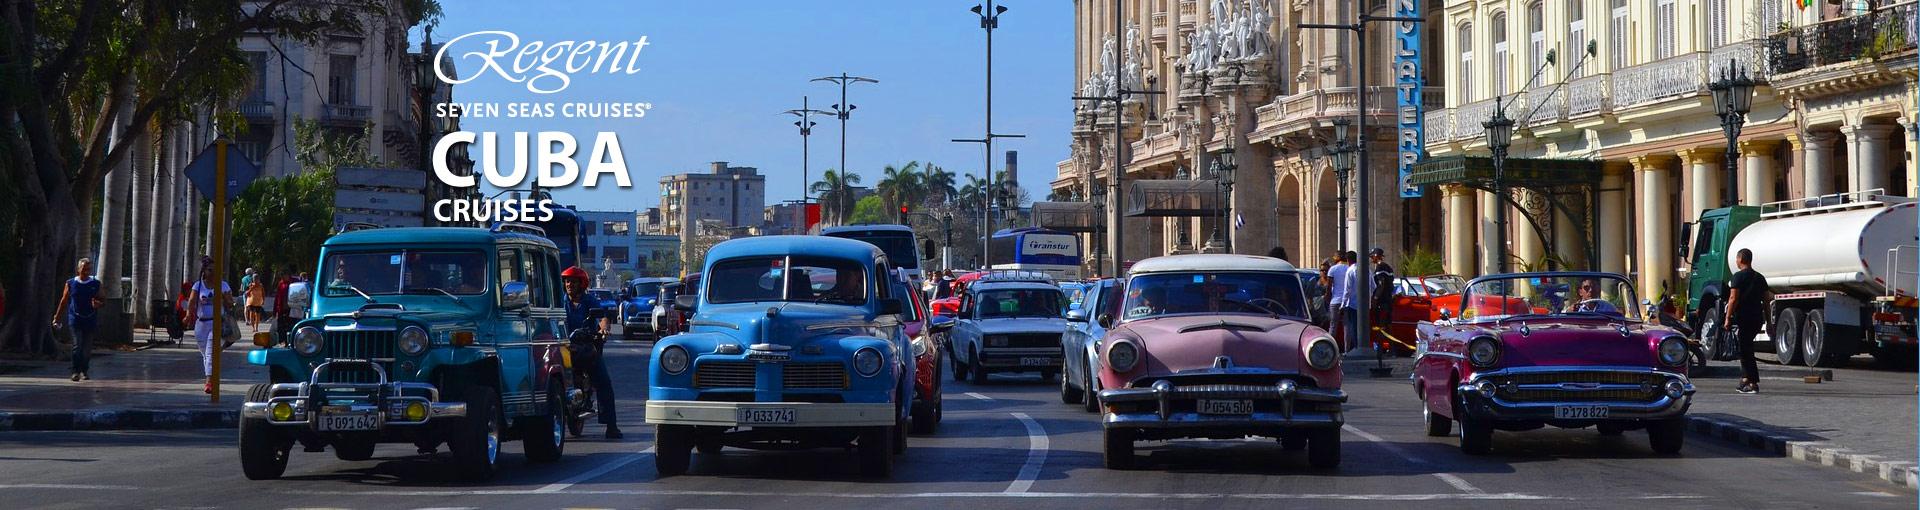 Regent Seven Seas Cruises to Cuba